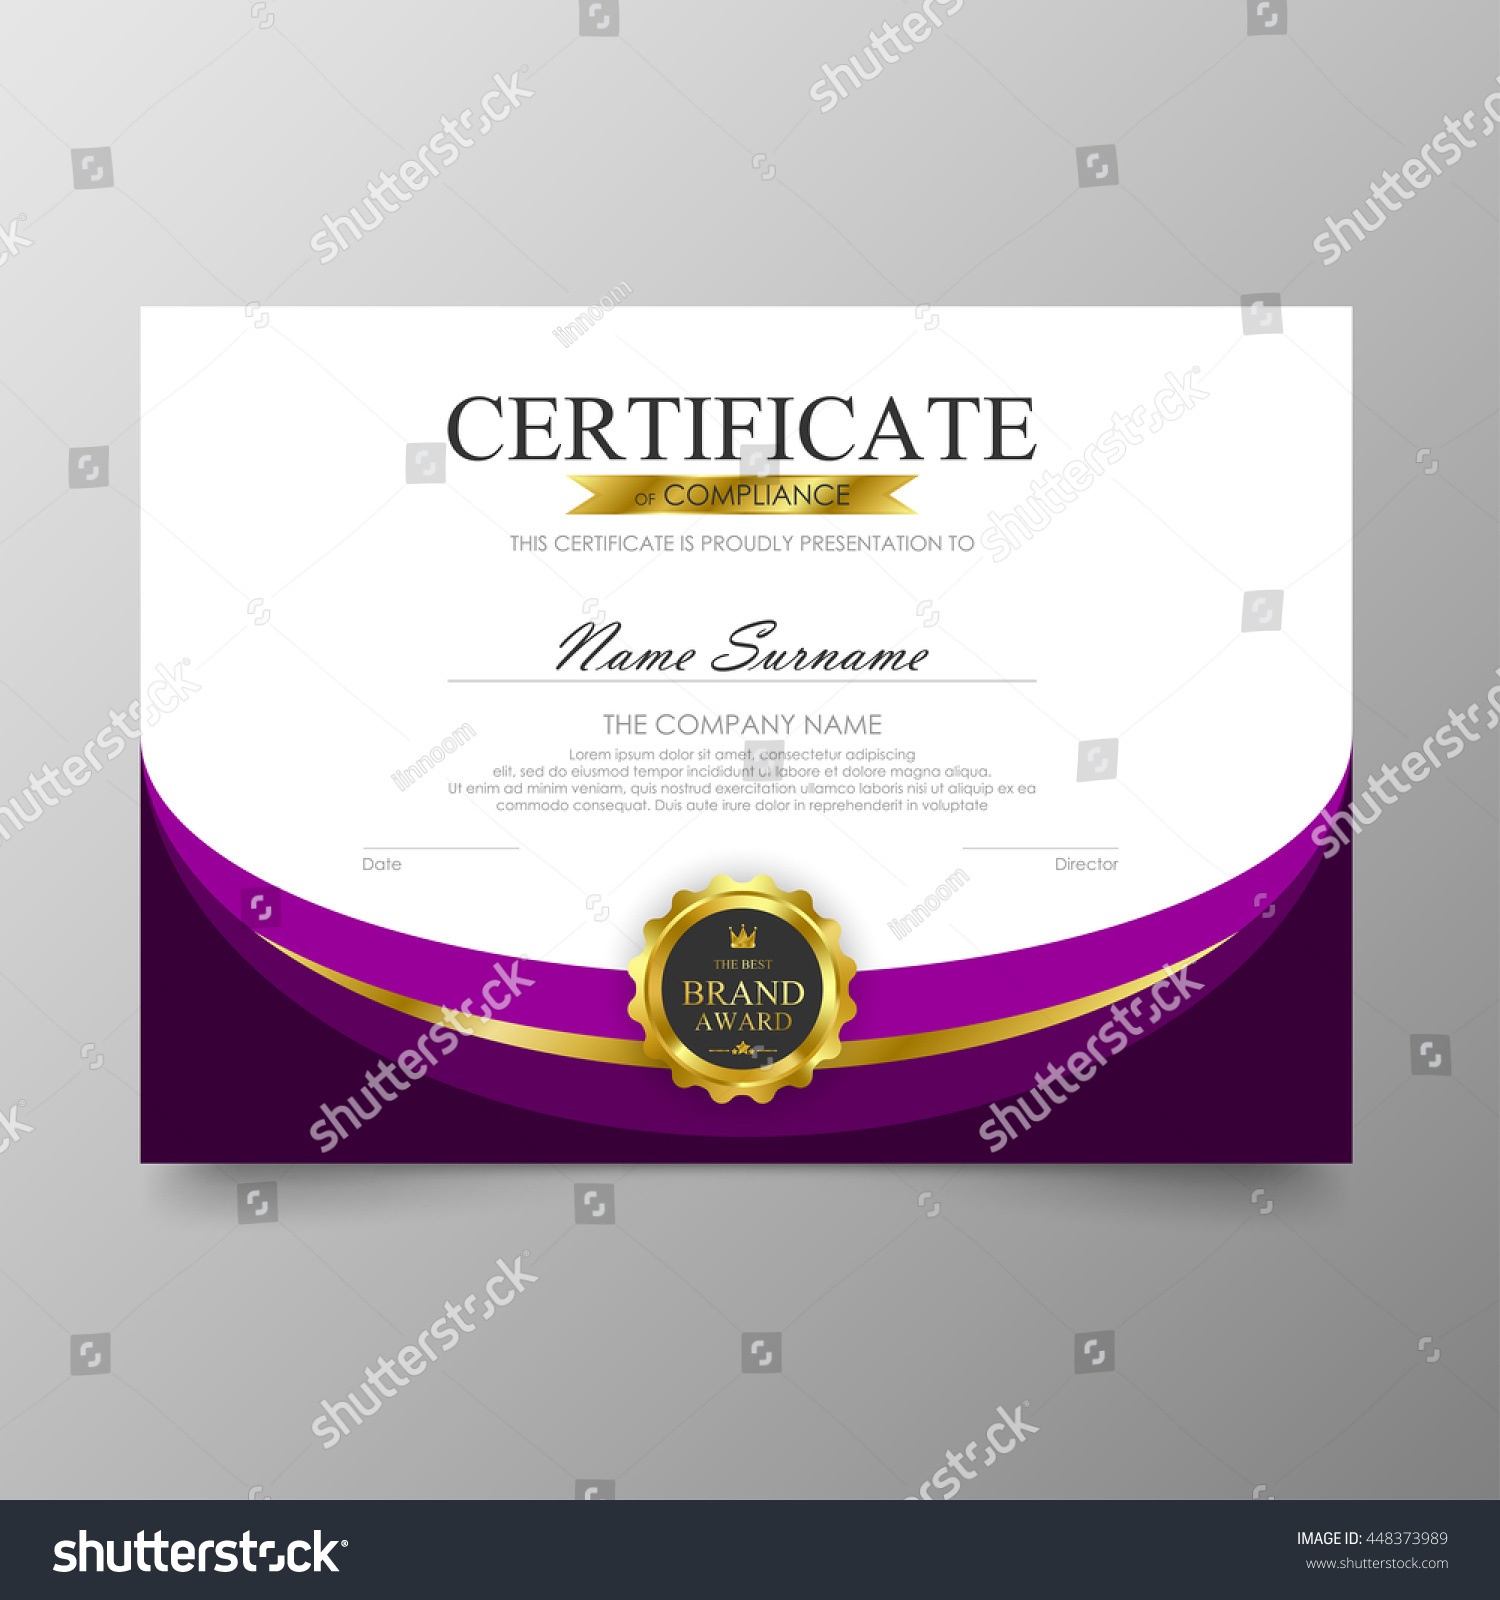 purple certificate template - purple certificate template diploma background vector